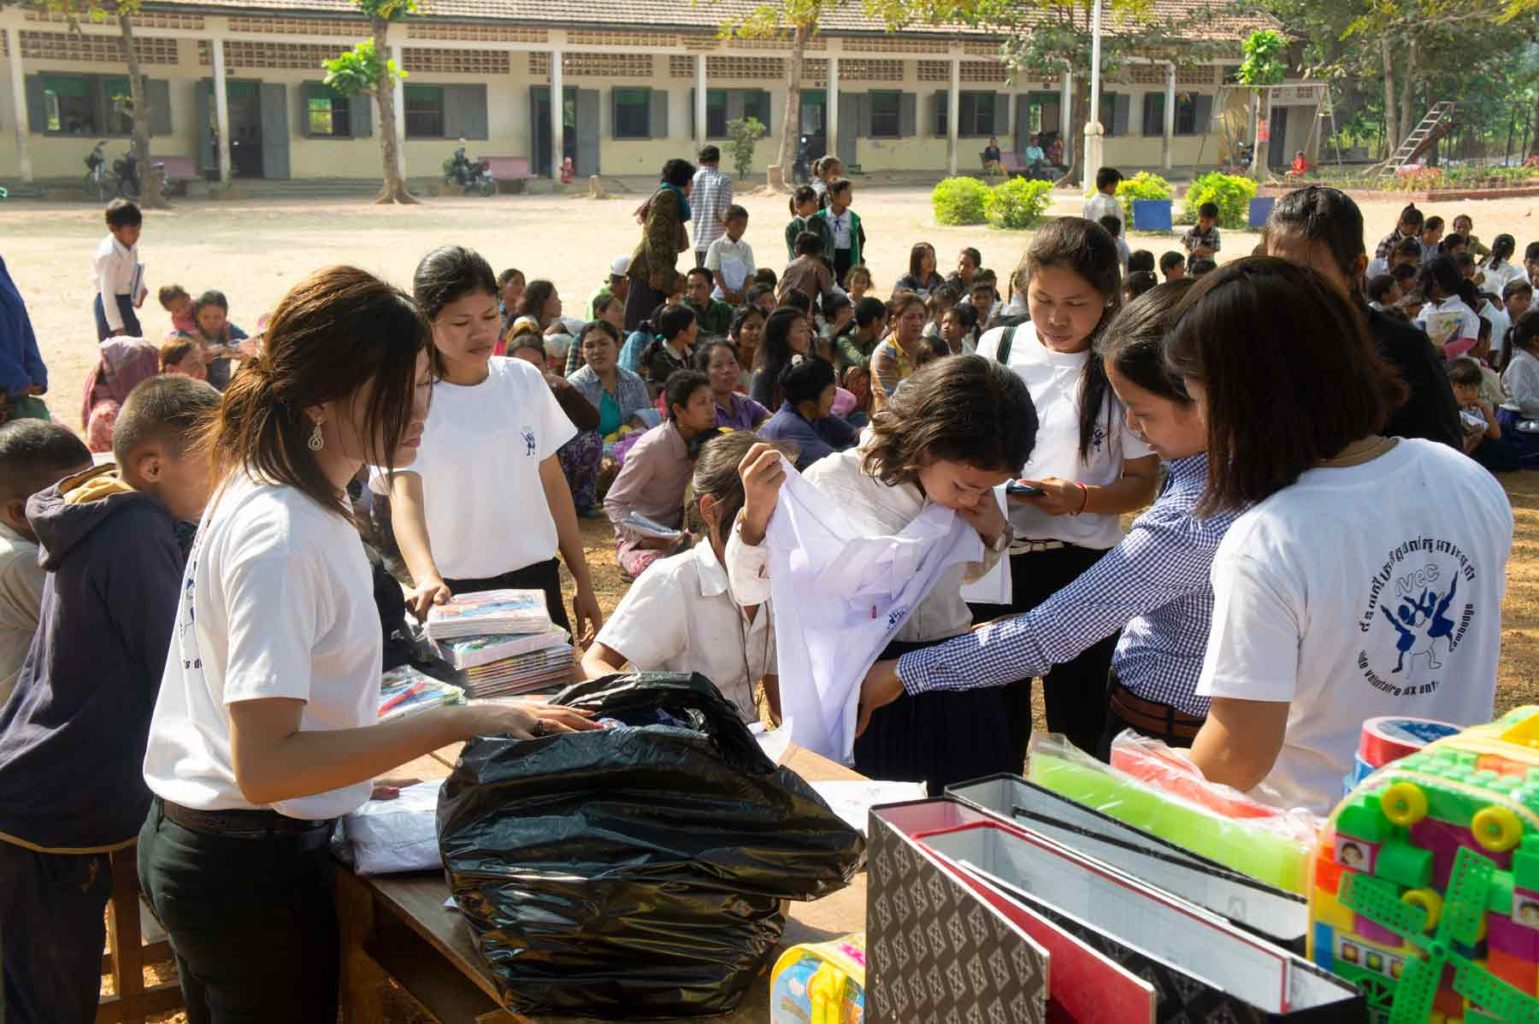 Toute l'équipe de volontaires à l'action pour la distribution des sacs de riz dans une école au Cambodge